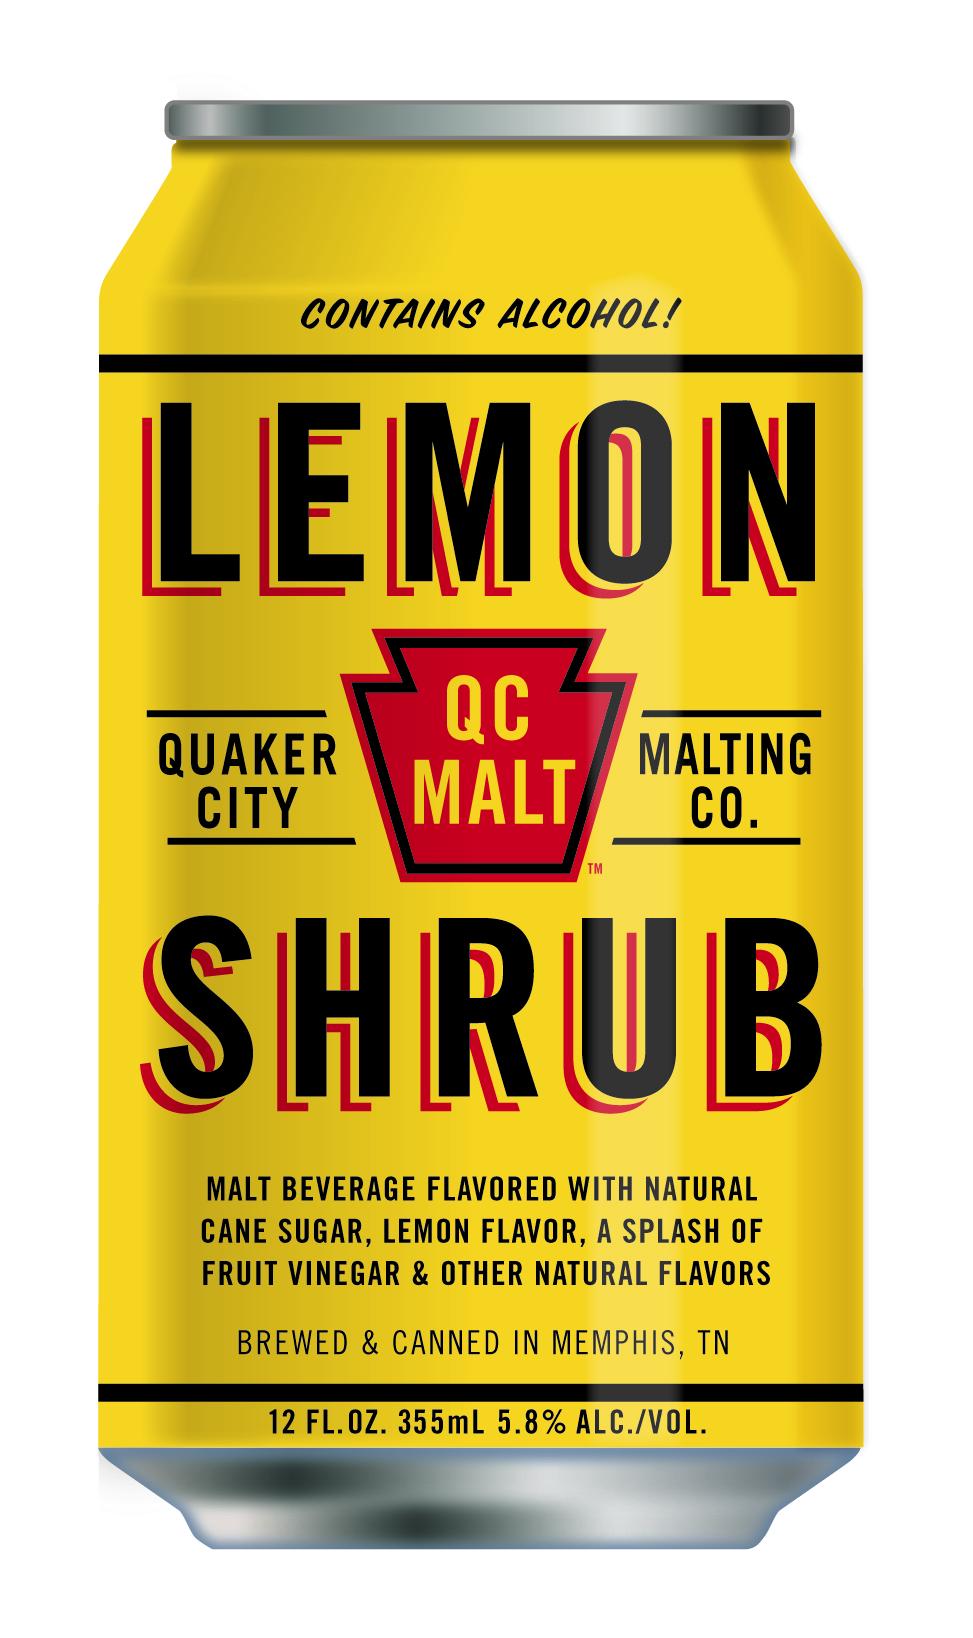 Lemon Shrub, by QC Malt